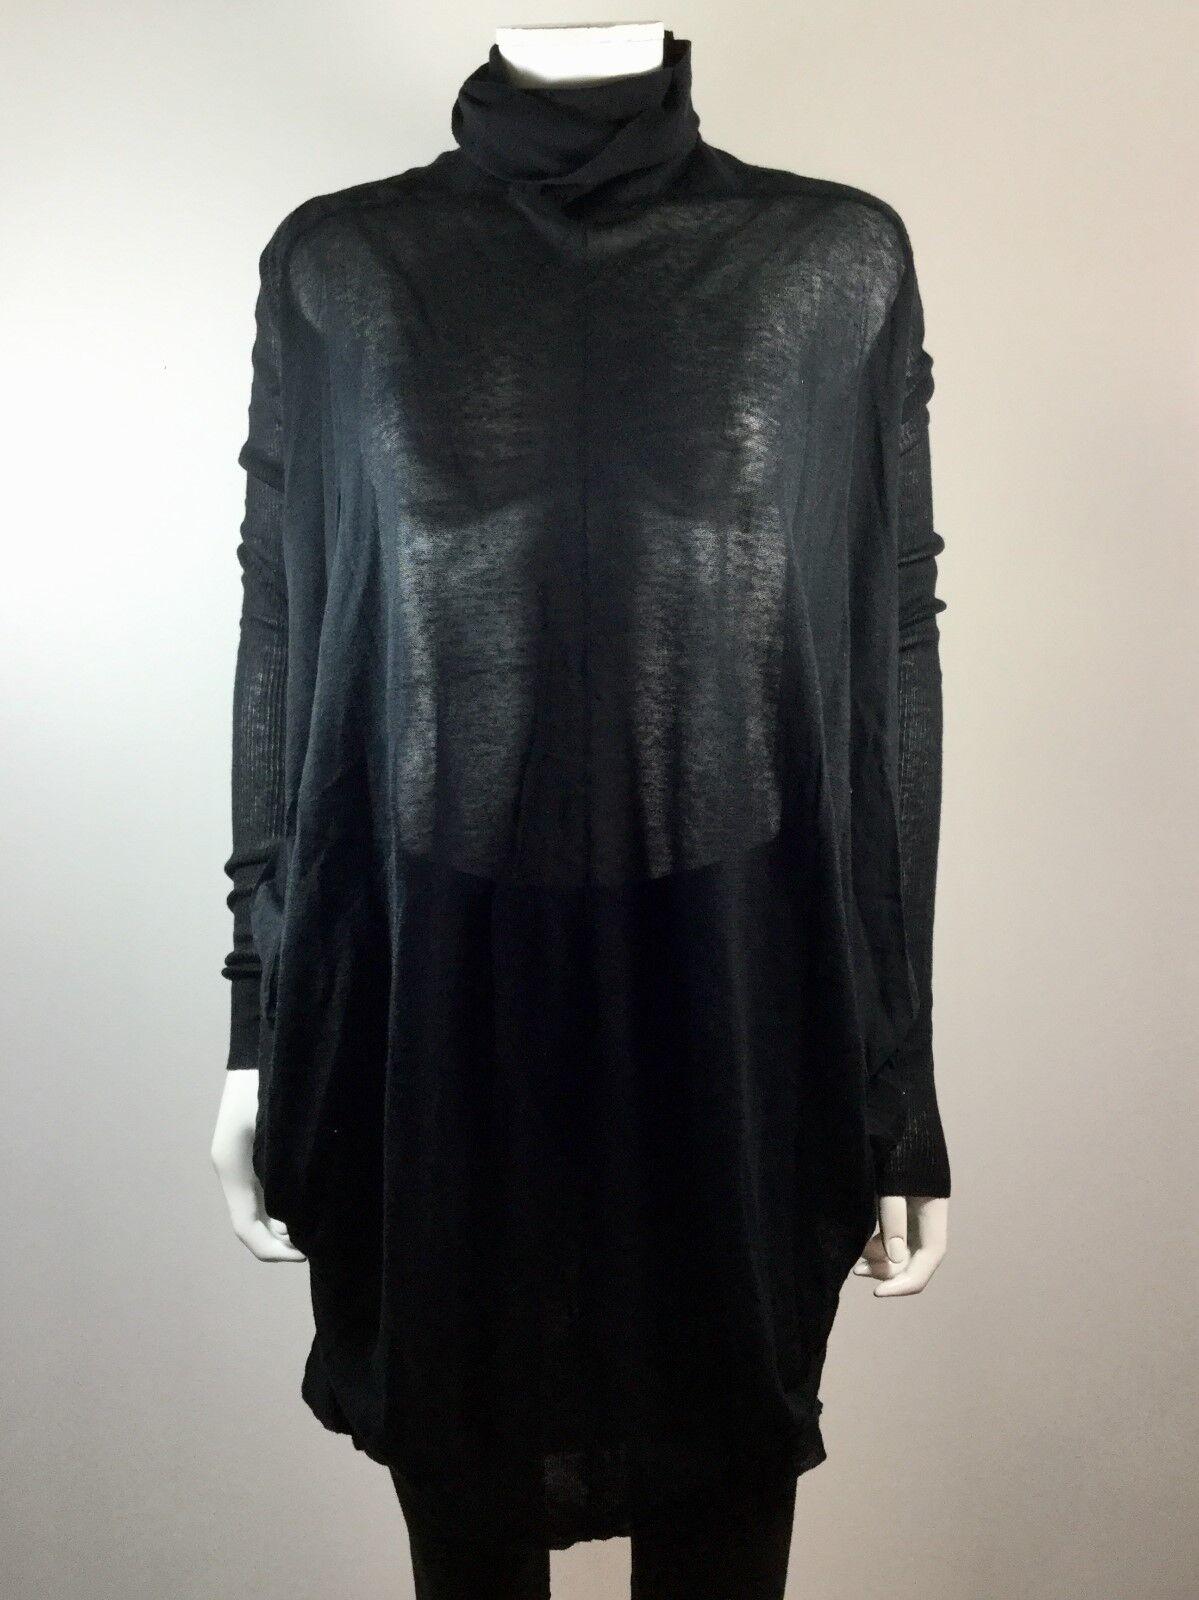 MAX AZRIA schwarz Turtleneck Sweater Dress Größe X Small